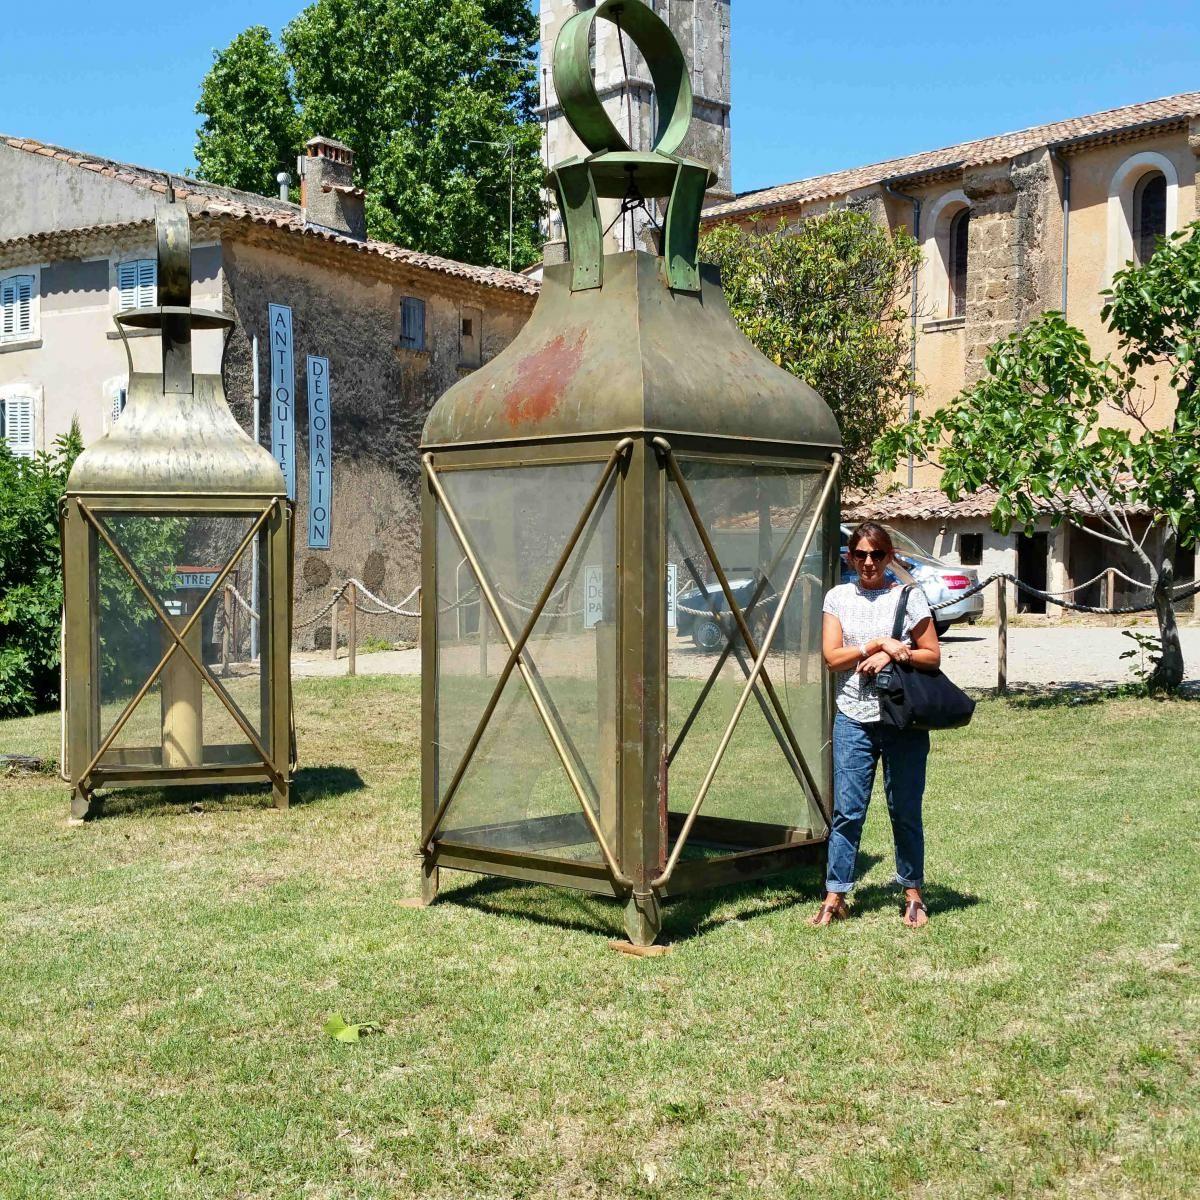 Lanternes g antes 4 m tres de hauteur antiquit s alric proantic lanterne geante - Lanterne jardin ...